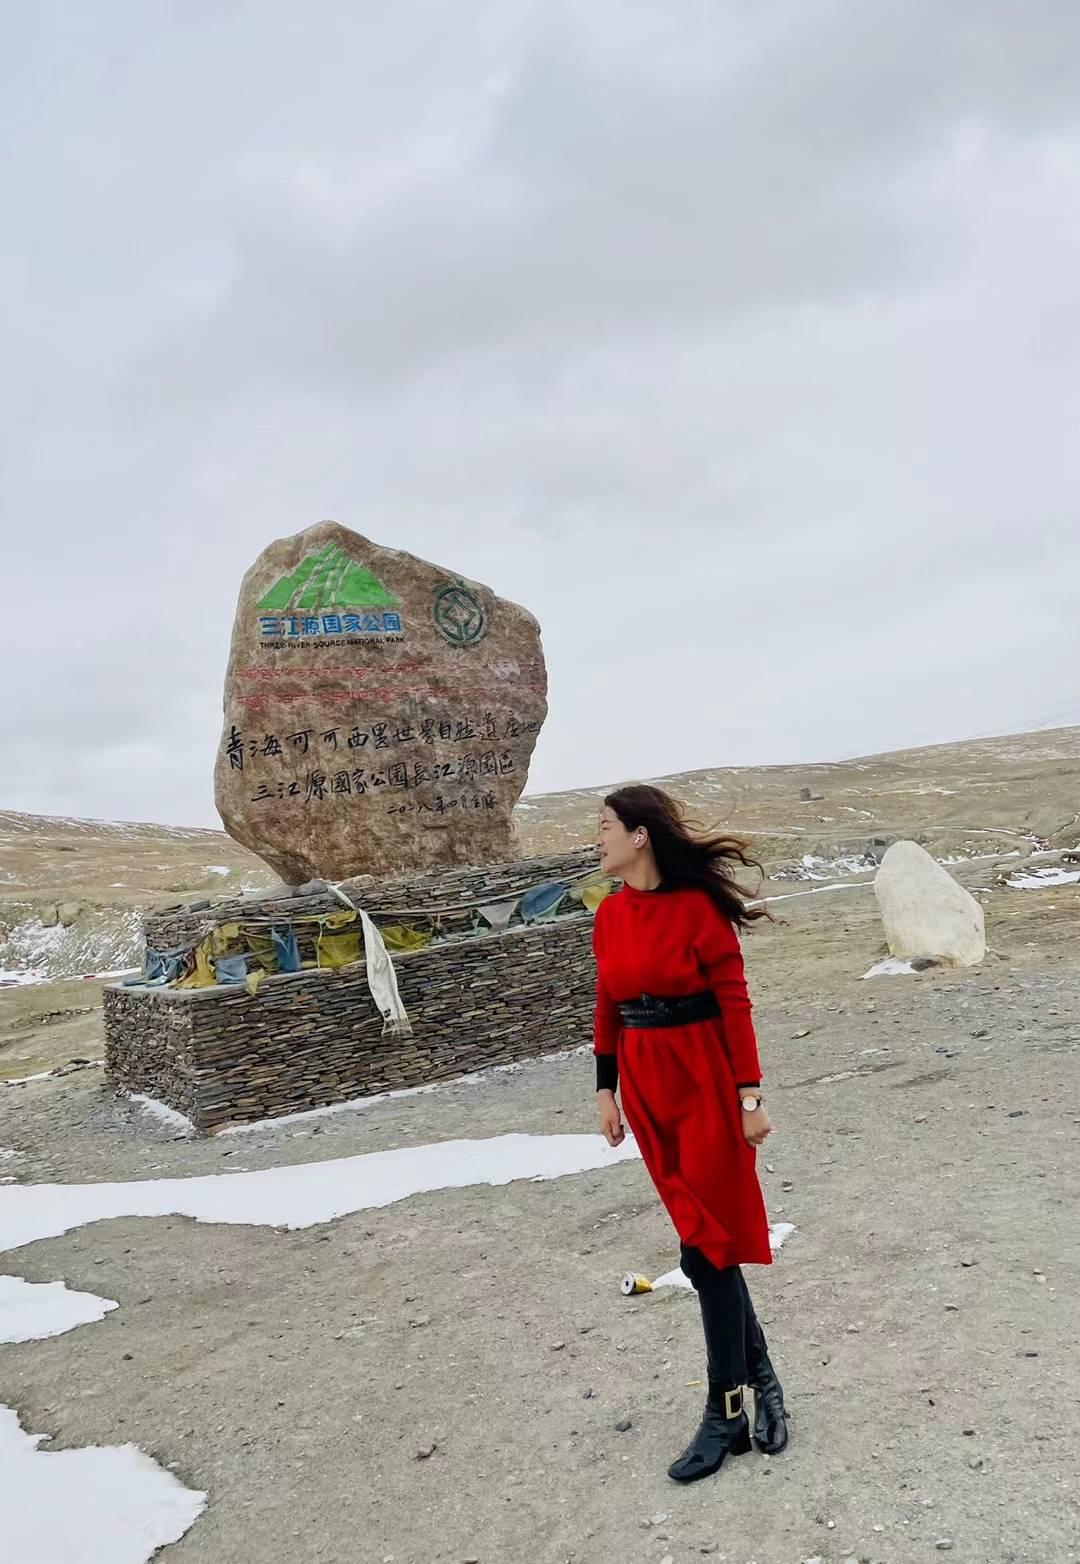 """打卡高原净土,被誉为""""通往天堂的路口"""",风景绝美却少有游客"""